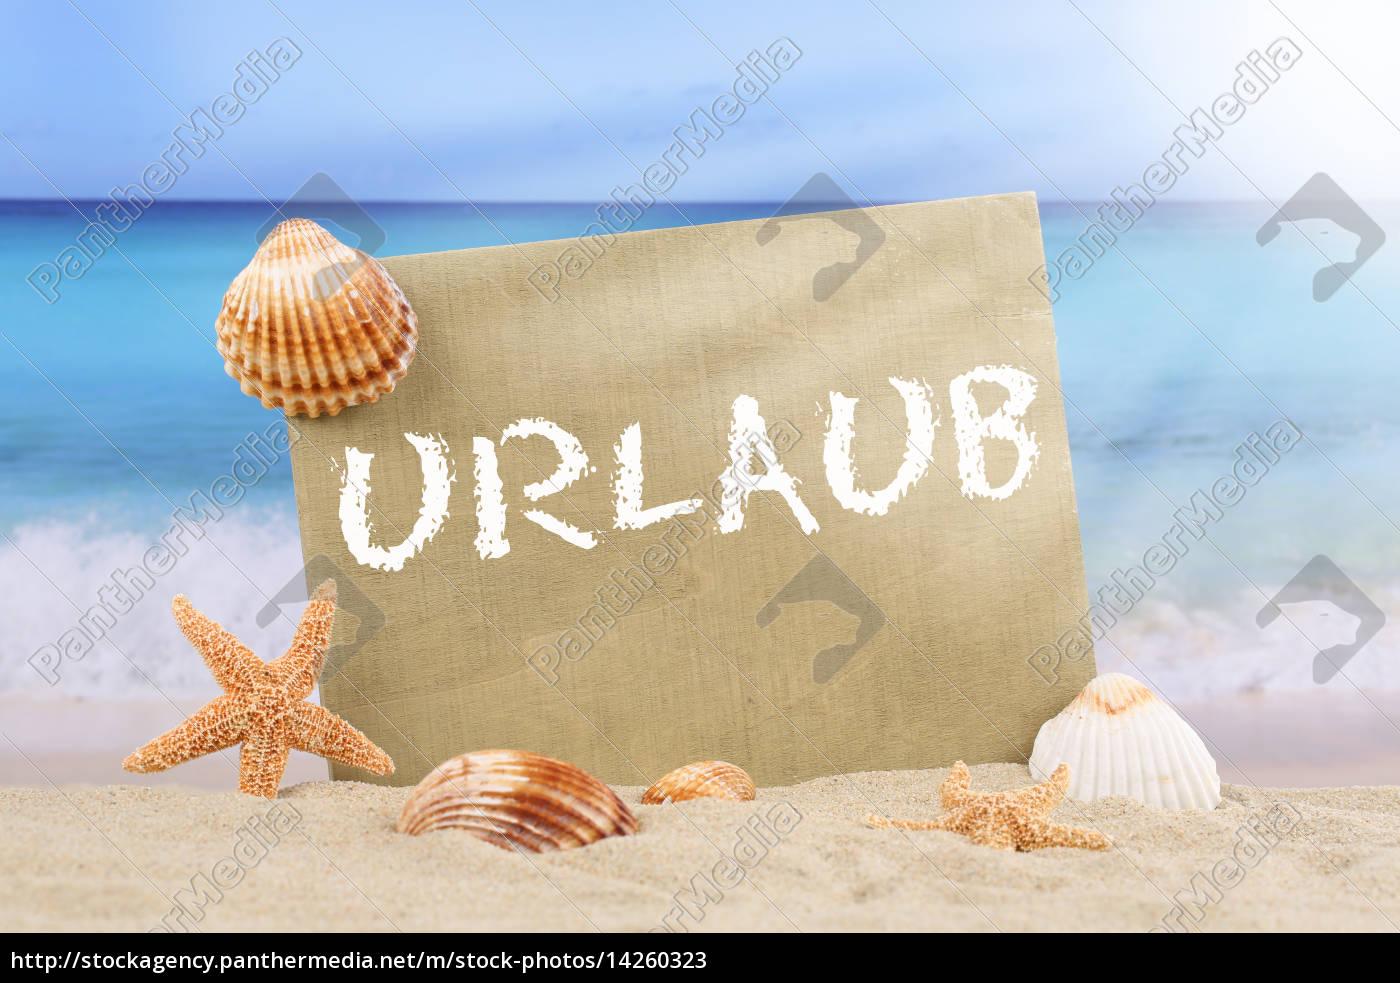 strand meer szene im urlaub im sommer mit seestern und